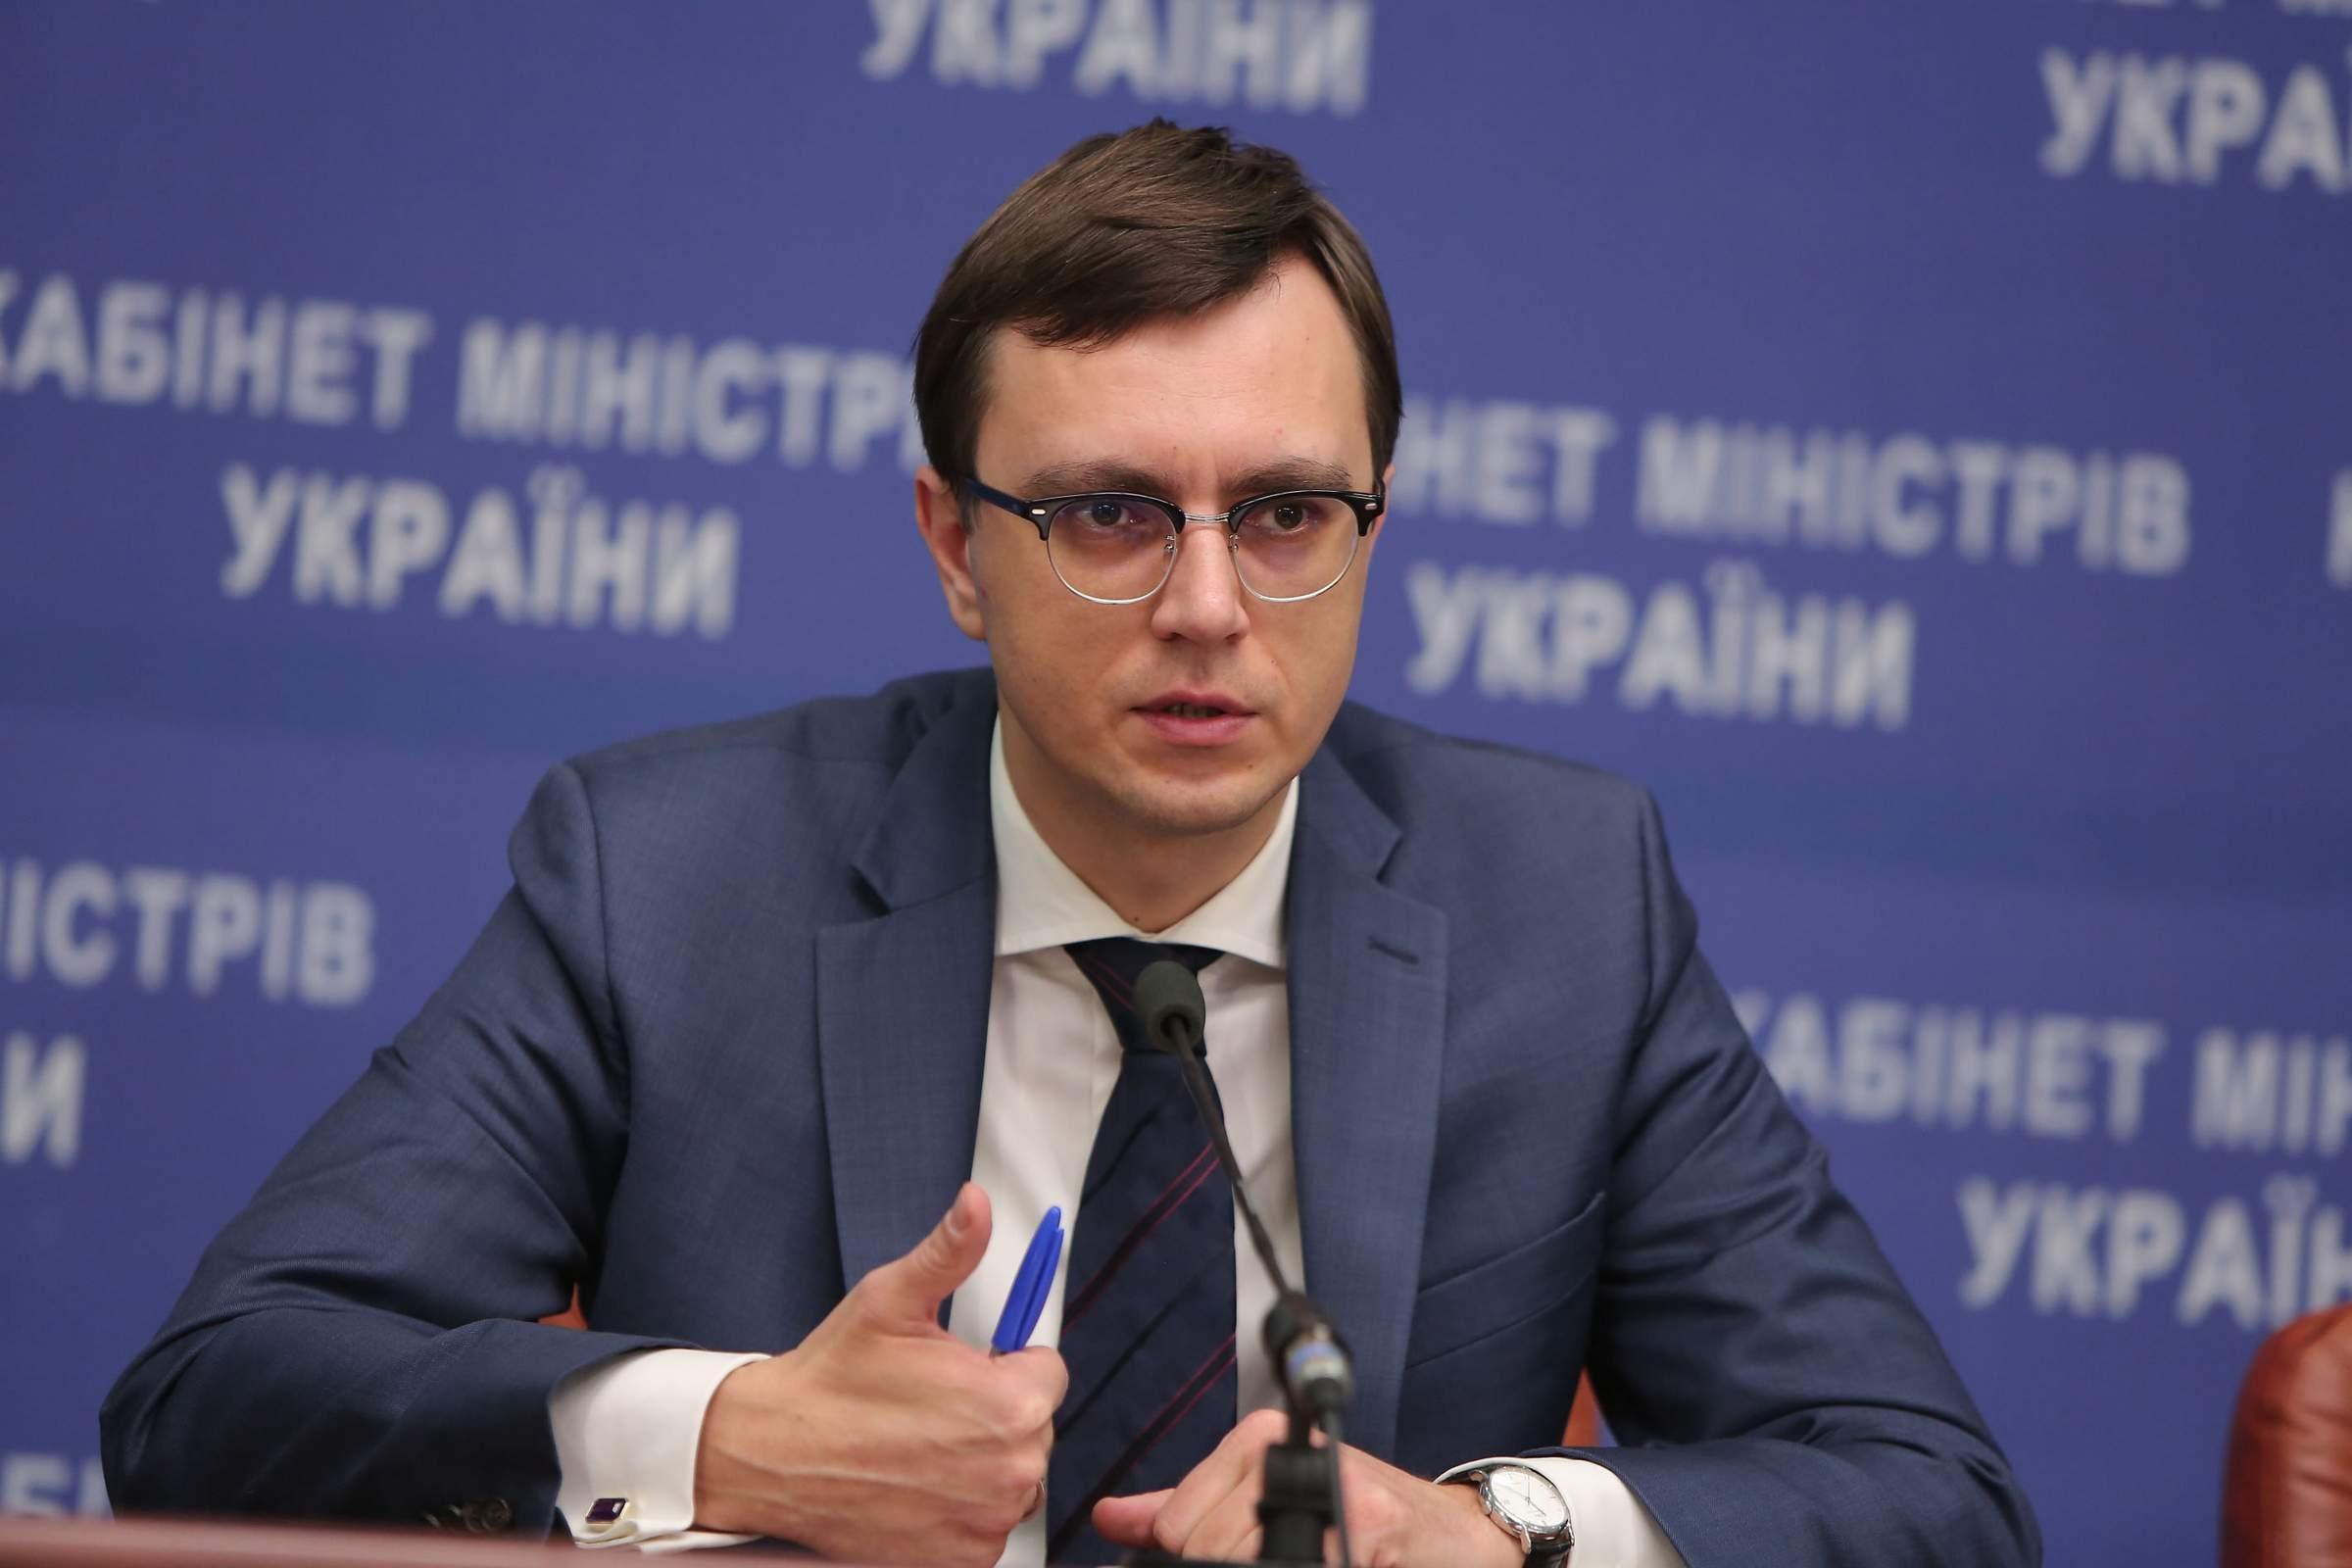 Украина получит 200 миллионов евро кредита на городской общественный транспорт